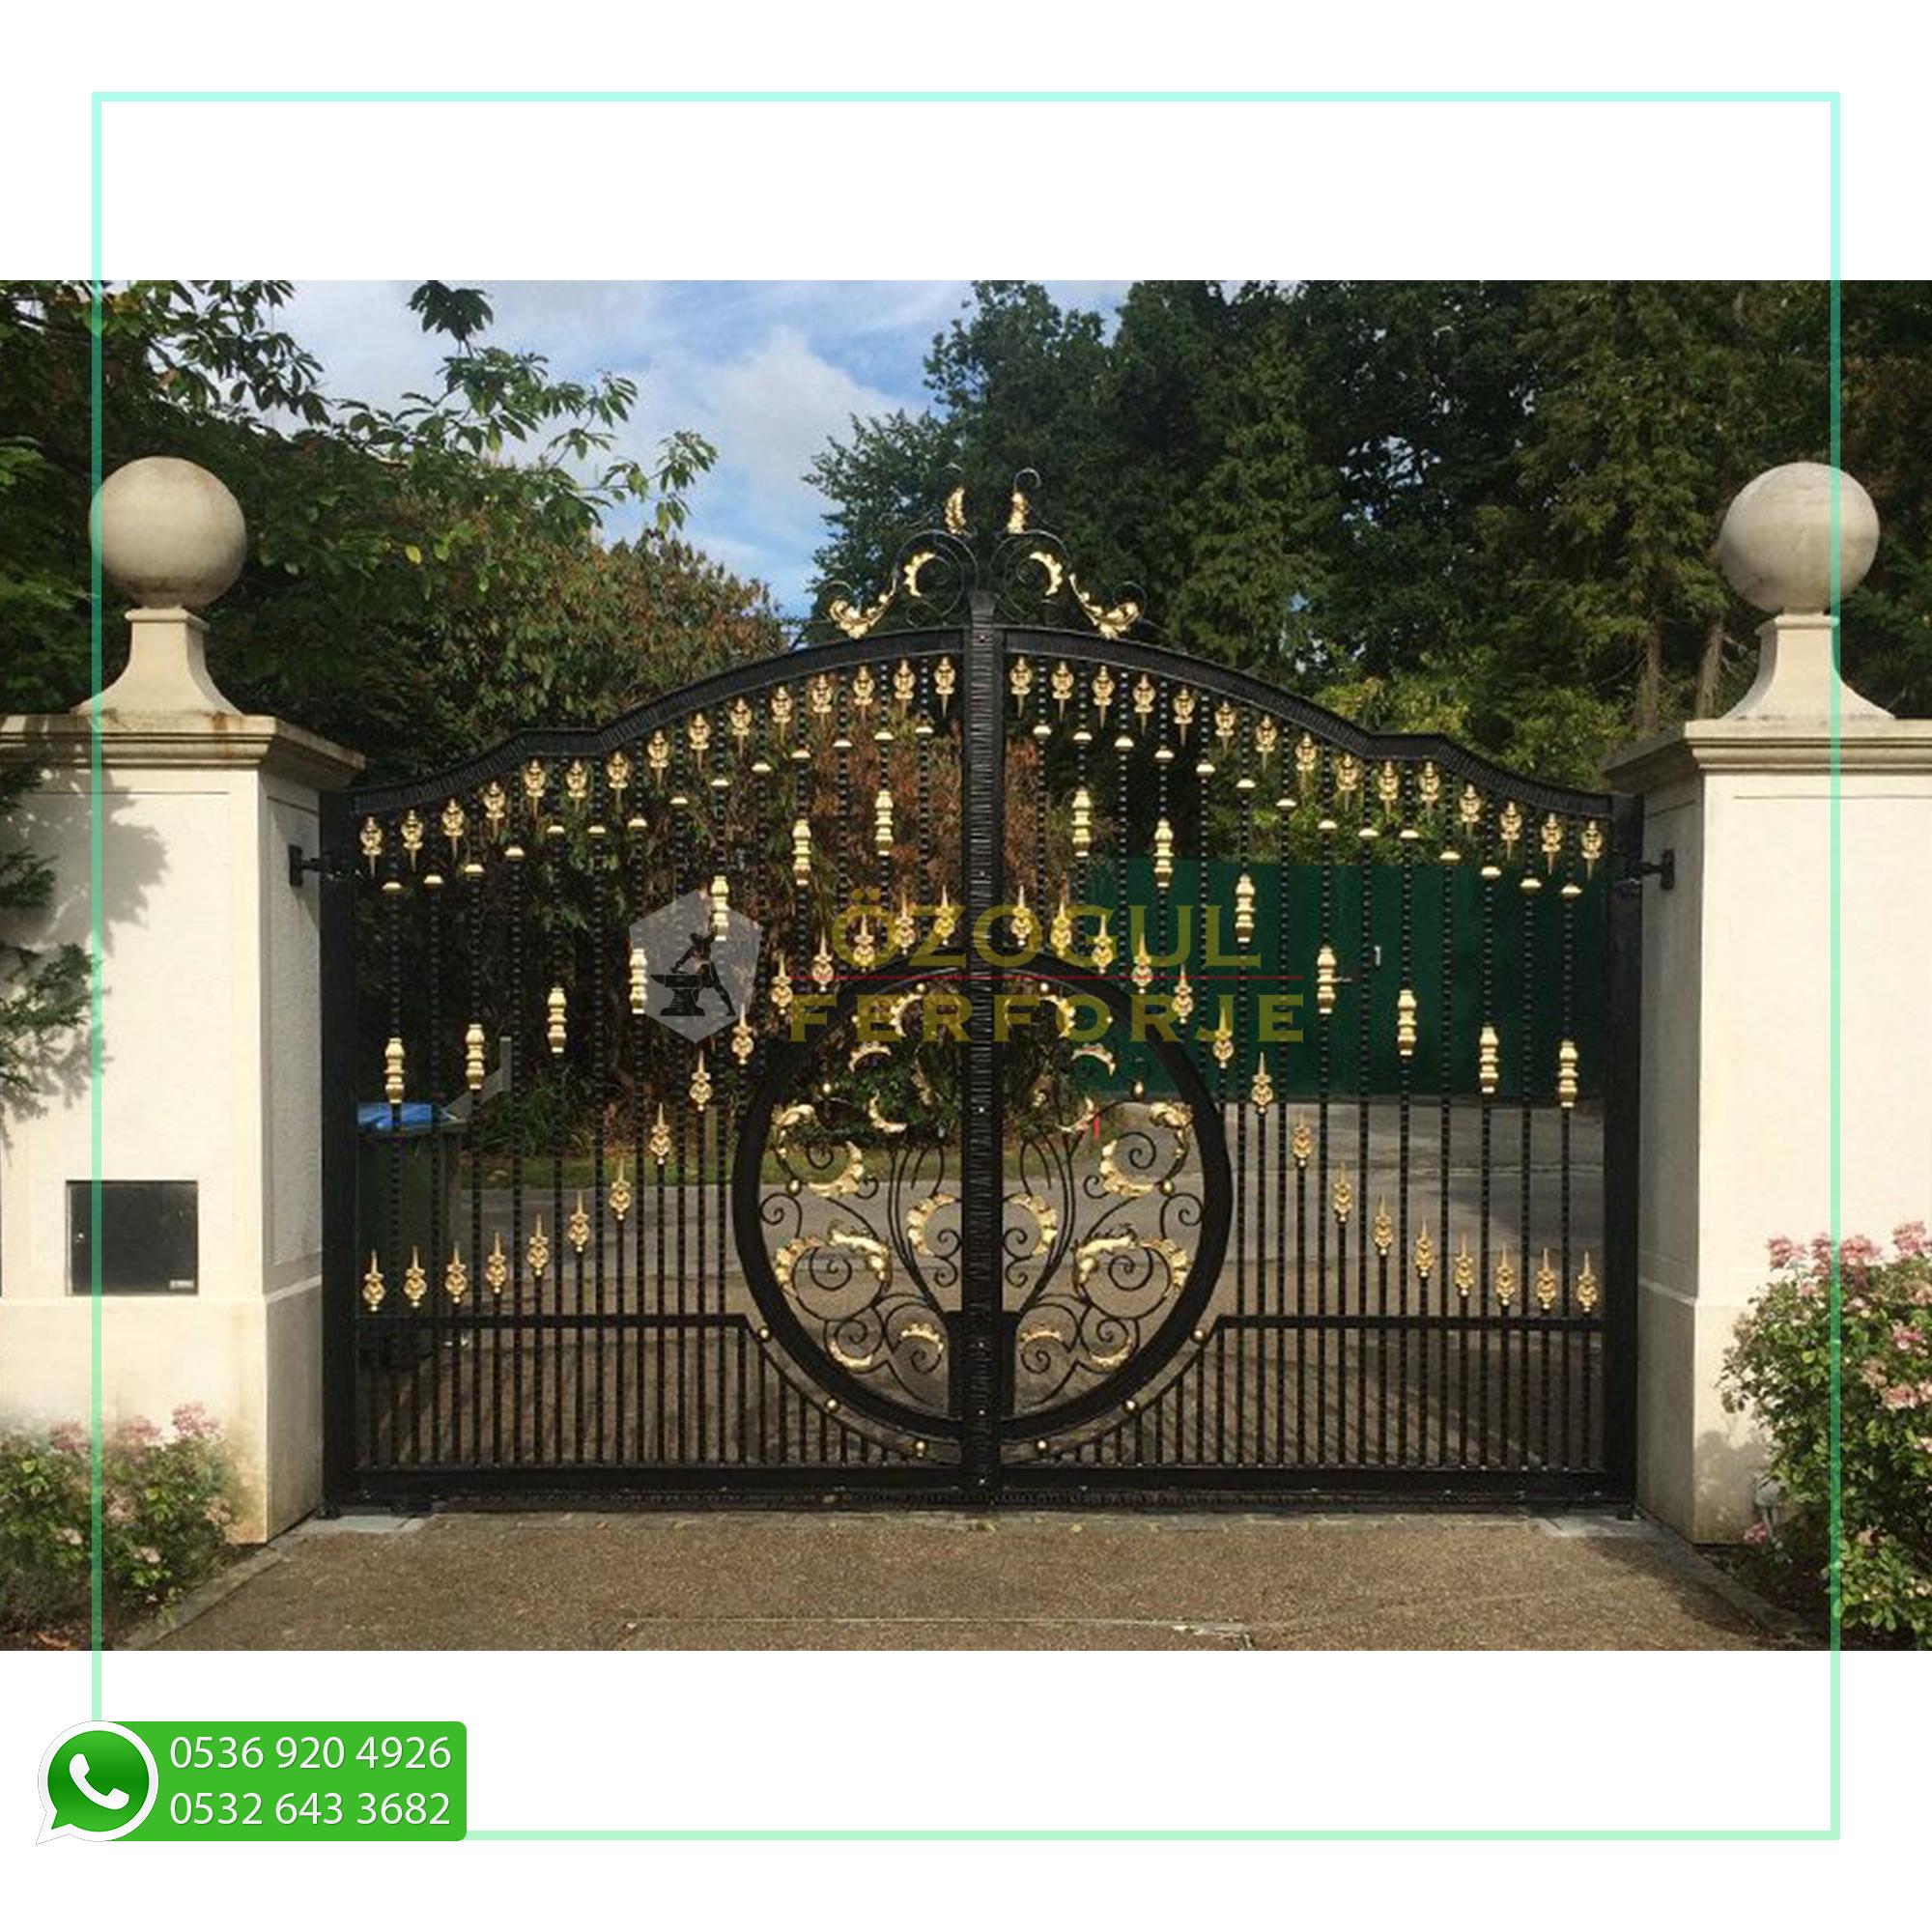 Puerta de jardín de diseño especial de hierro forjado / Jardín de diseño especial ...